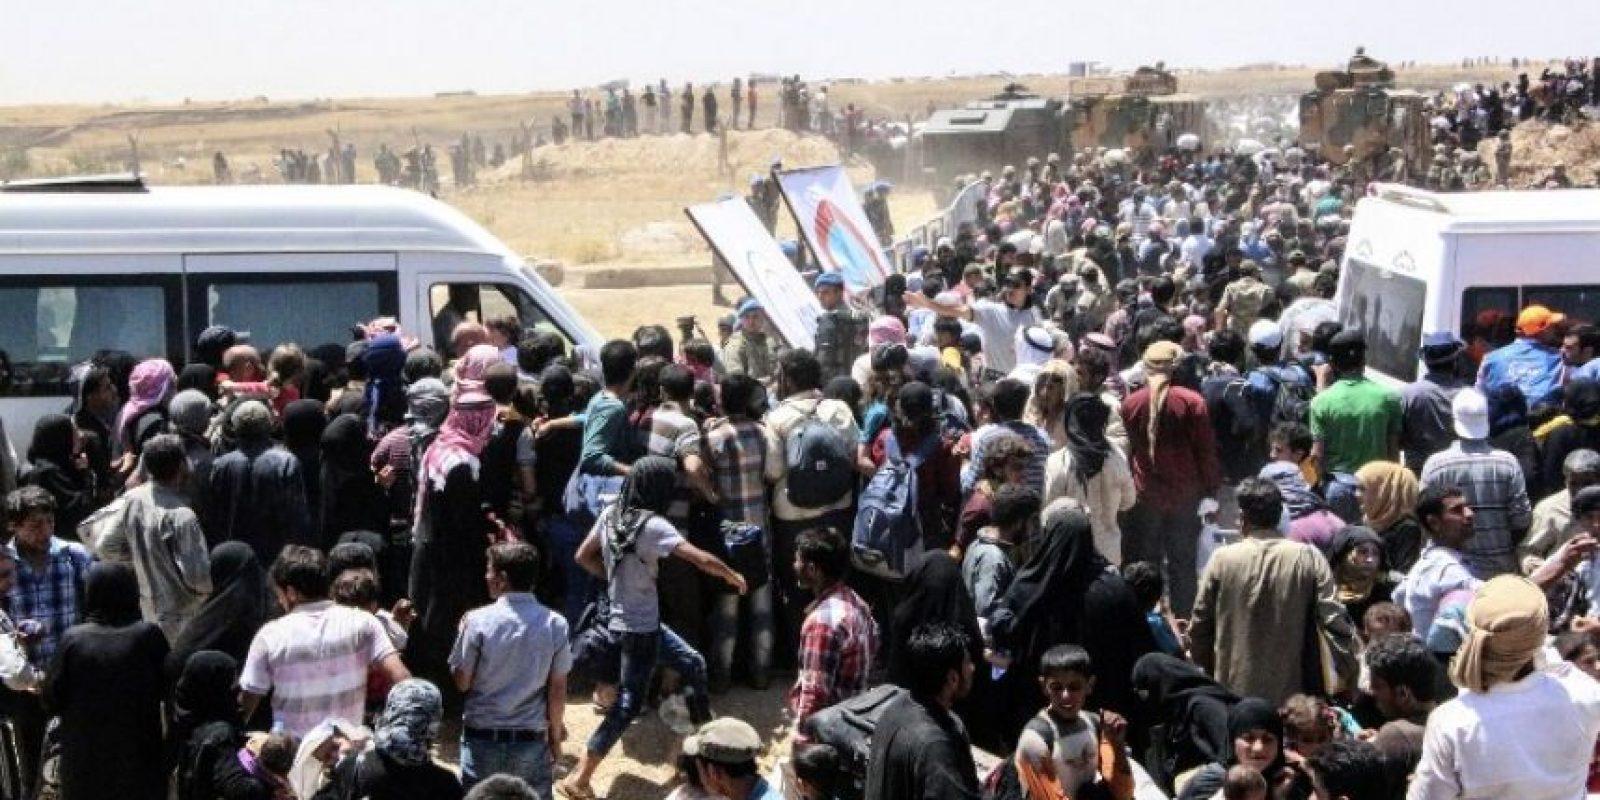 El autodenominado grupo Estado Islámico de Iraq y el Levante (ISIS) habría cometido crímenes de guerra y contra la humanidad, además de genocidio, alertó la Oficina del Alto Comisionado de la ONU para los Derechos Humanos Foto:AFP